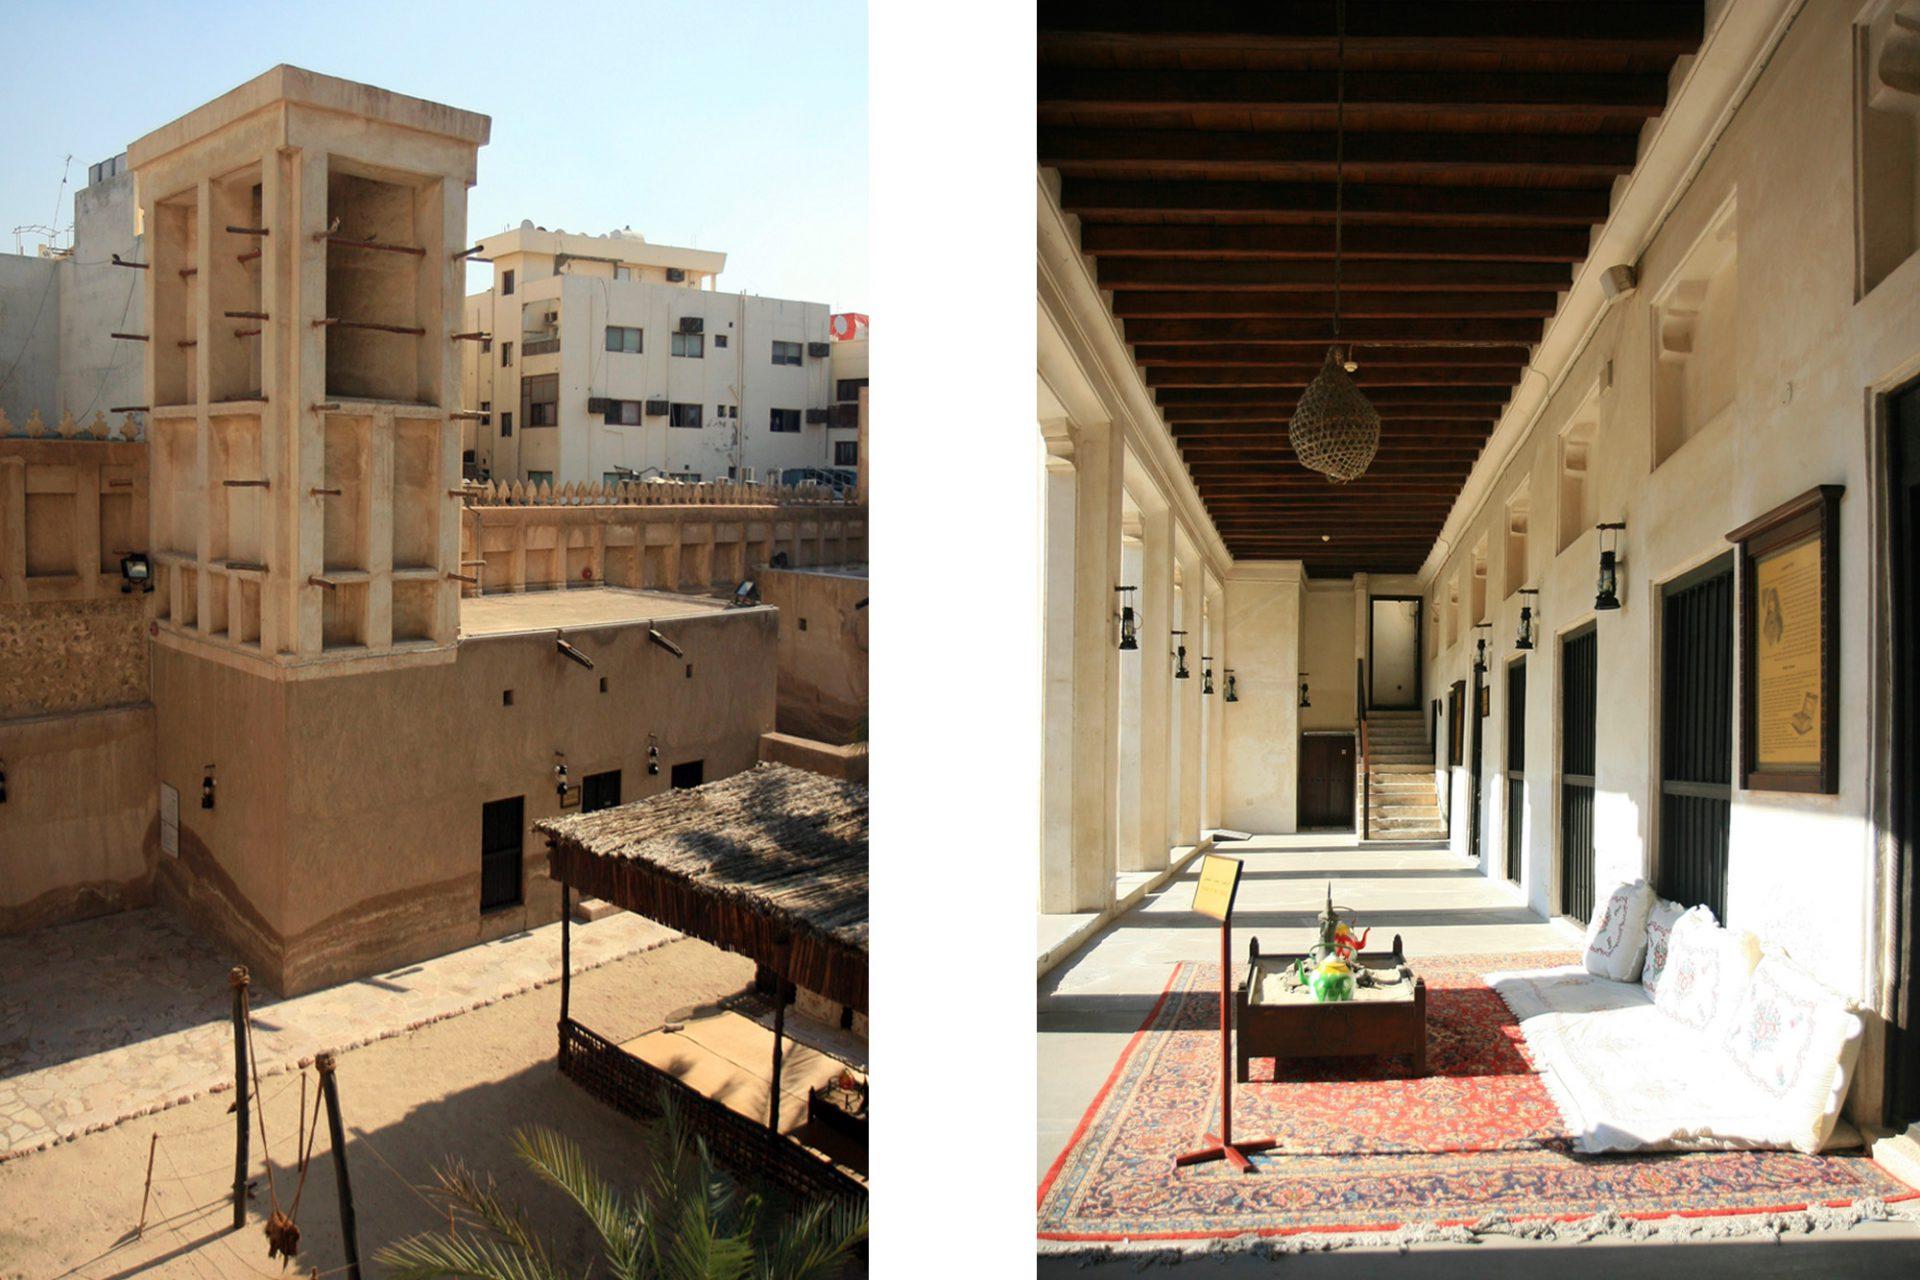 """Heritage House. Das Wohnhaus des reichen Perlenhändlers, Sheikh Ahmed Bin Dalmouk, wurde um 1890 von einem Vorbesitzer errichtet und in den Folgejahren stetig erweitert. Erst ab 1935 im Besitz Ibrahim Al Said Abdullahs wurde es zu einem regionaltypischen Familienhaus umgestaltet. Verwendet wurden nur die feinsten Materialien. Dekorative Motive und künstlerische Elemente wurden hinzufügt. Nach aufwendigen Restaurierungen eröffnete die Anlage 2000 als """"Heritage House""""."""